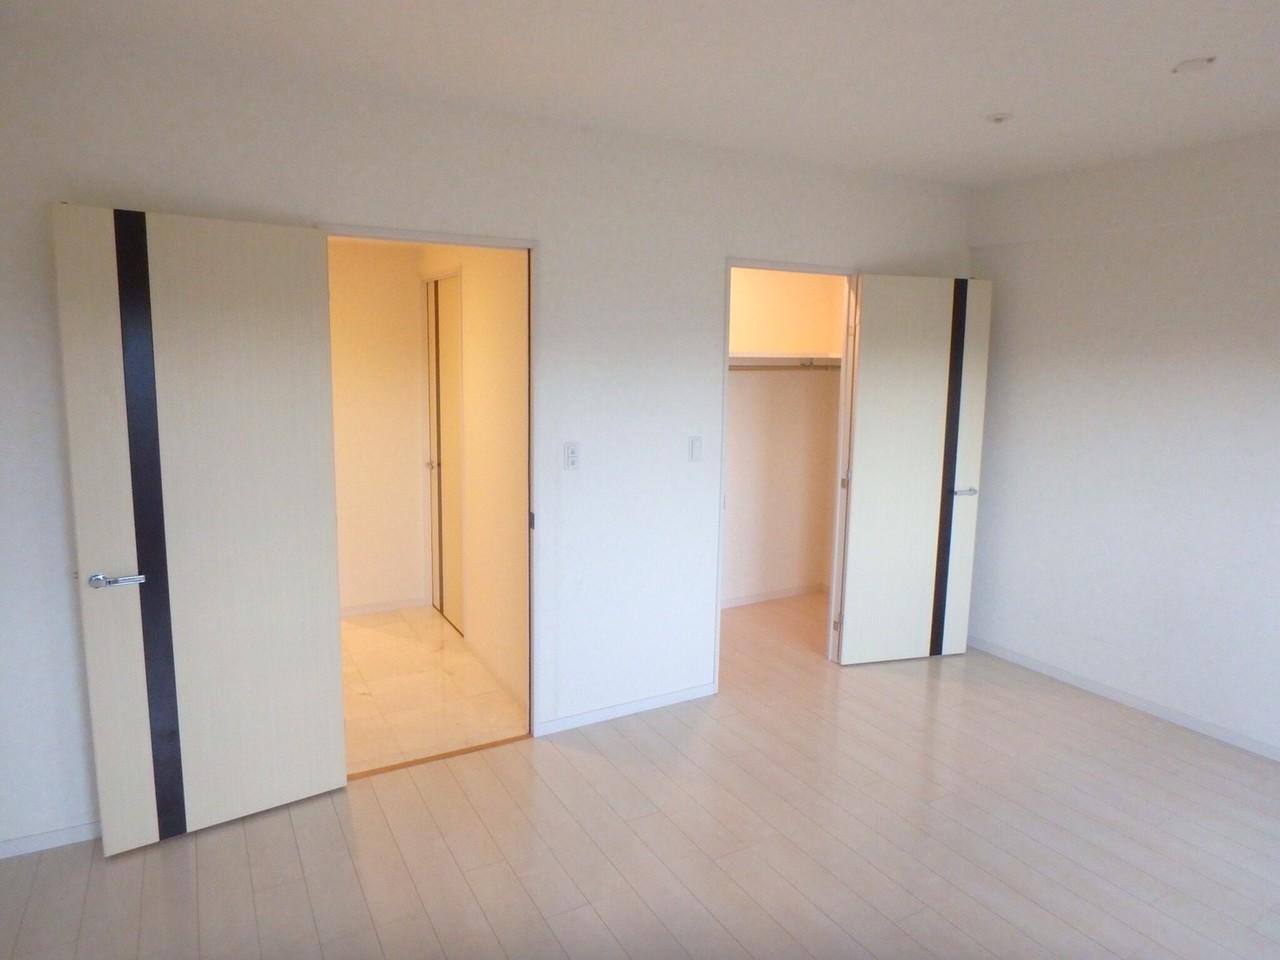 明るい洋室は子供部屋としての利用はもちろん書斎や趣味のお部屋にも対応できます。